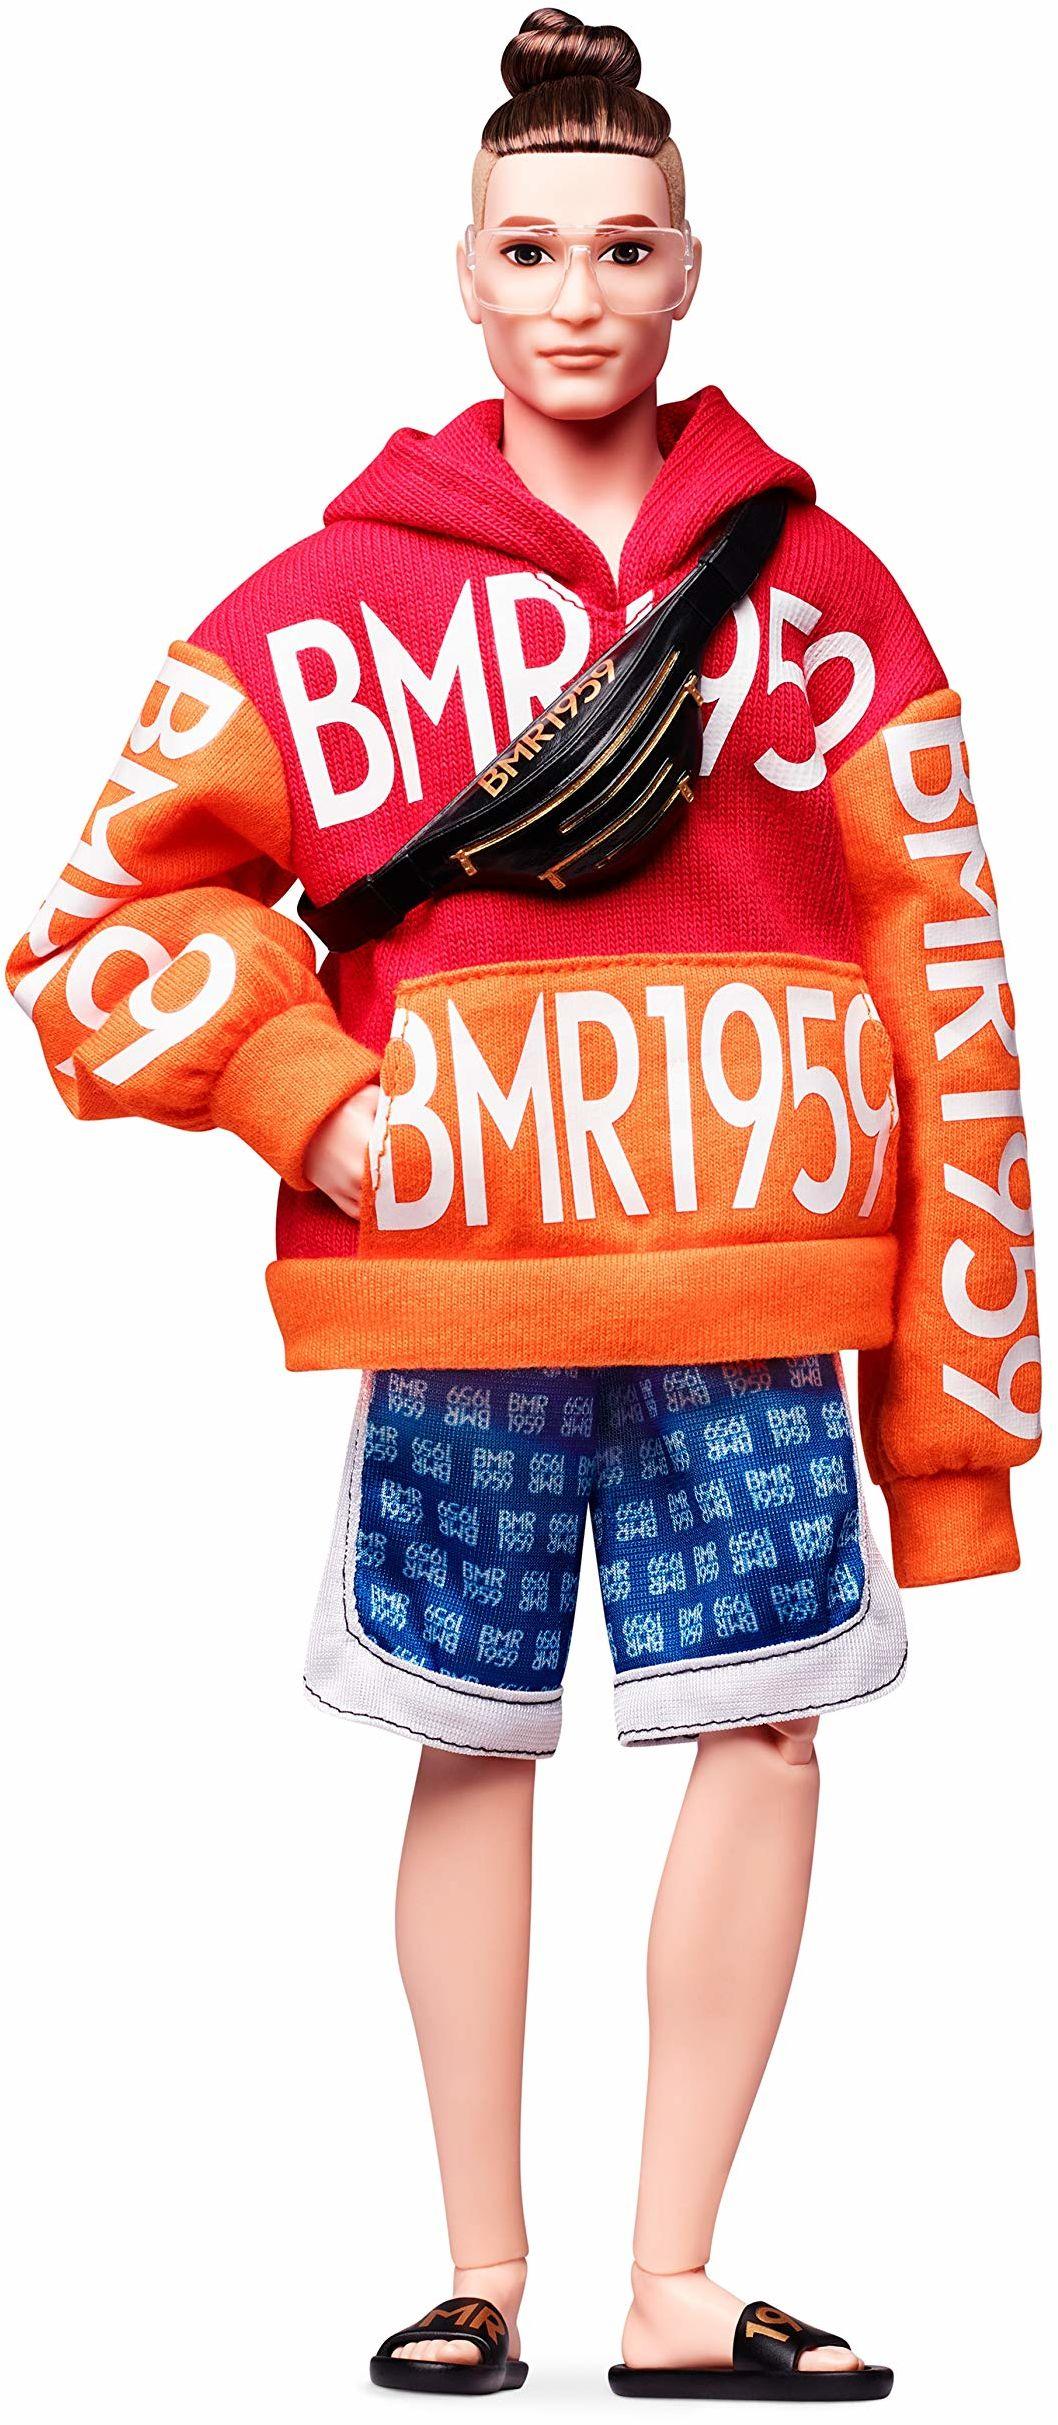 Barbie GHT93 BMR1959 Ken Streetwear Signature ruchoma lalka z kokiem, kapturem i szortami, w zestawie akcesoria i stojak dla lalek